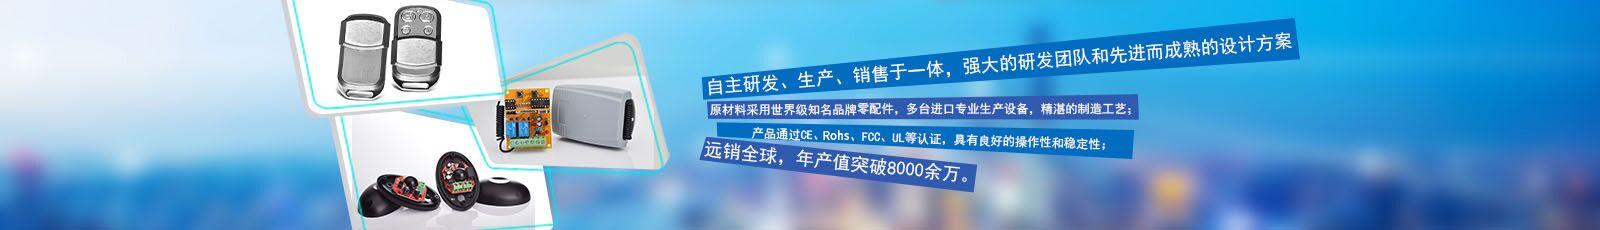 澳门电玩cheng网zhan——ji研发、设计、、销售、服务于一ti的综合xinggao科技民营企业